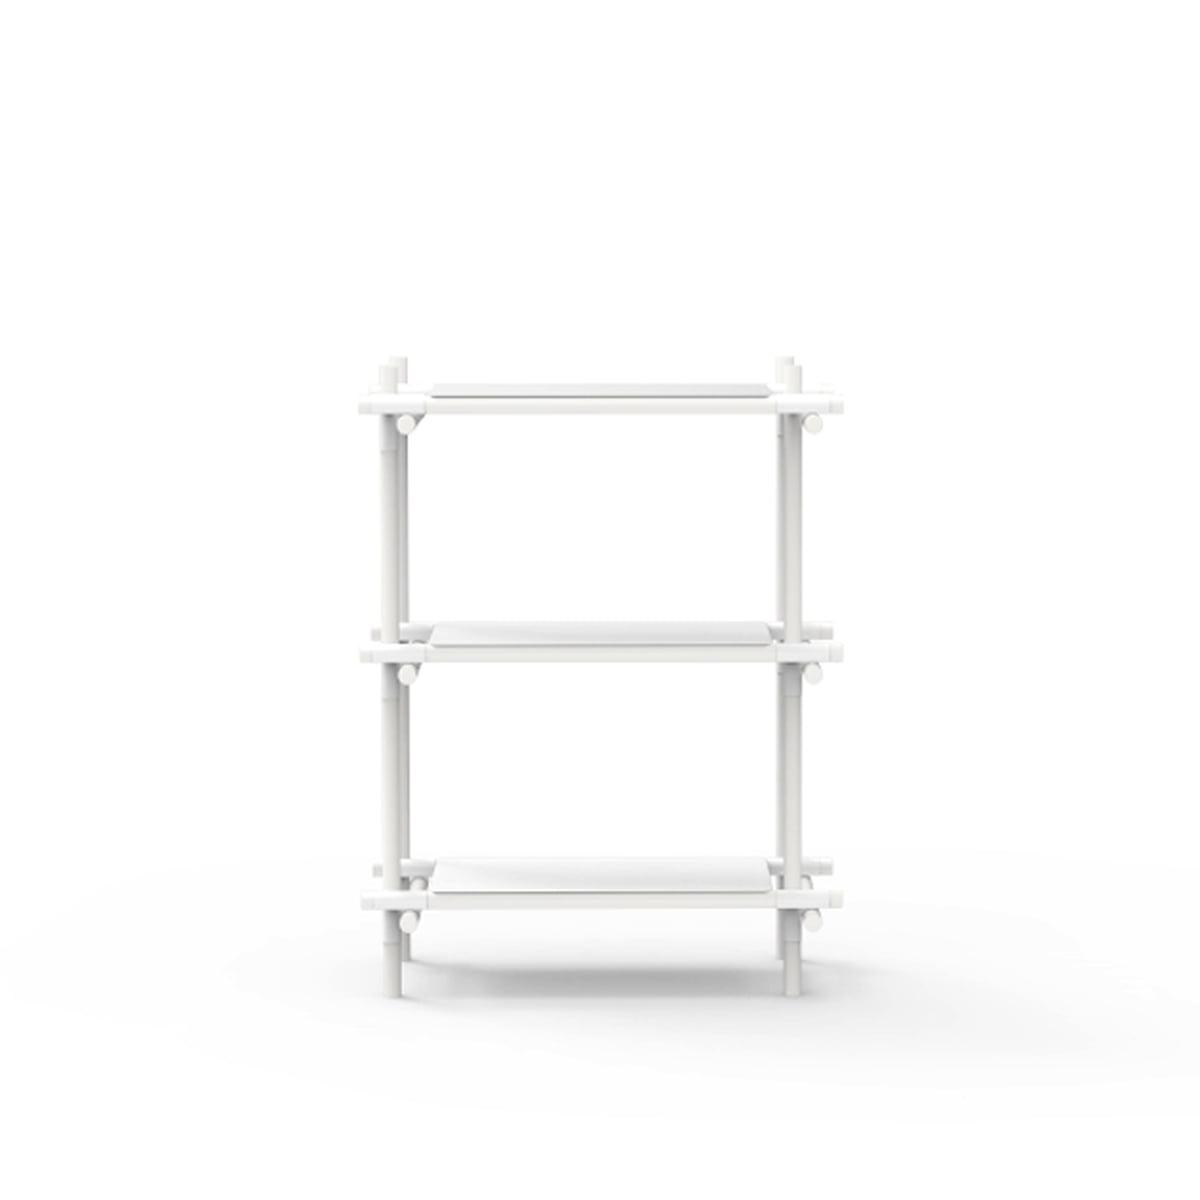 Sticksystem white white 1x3